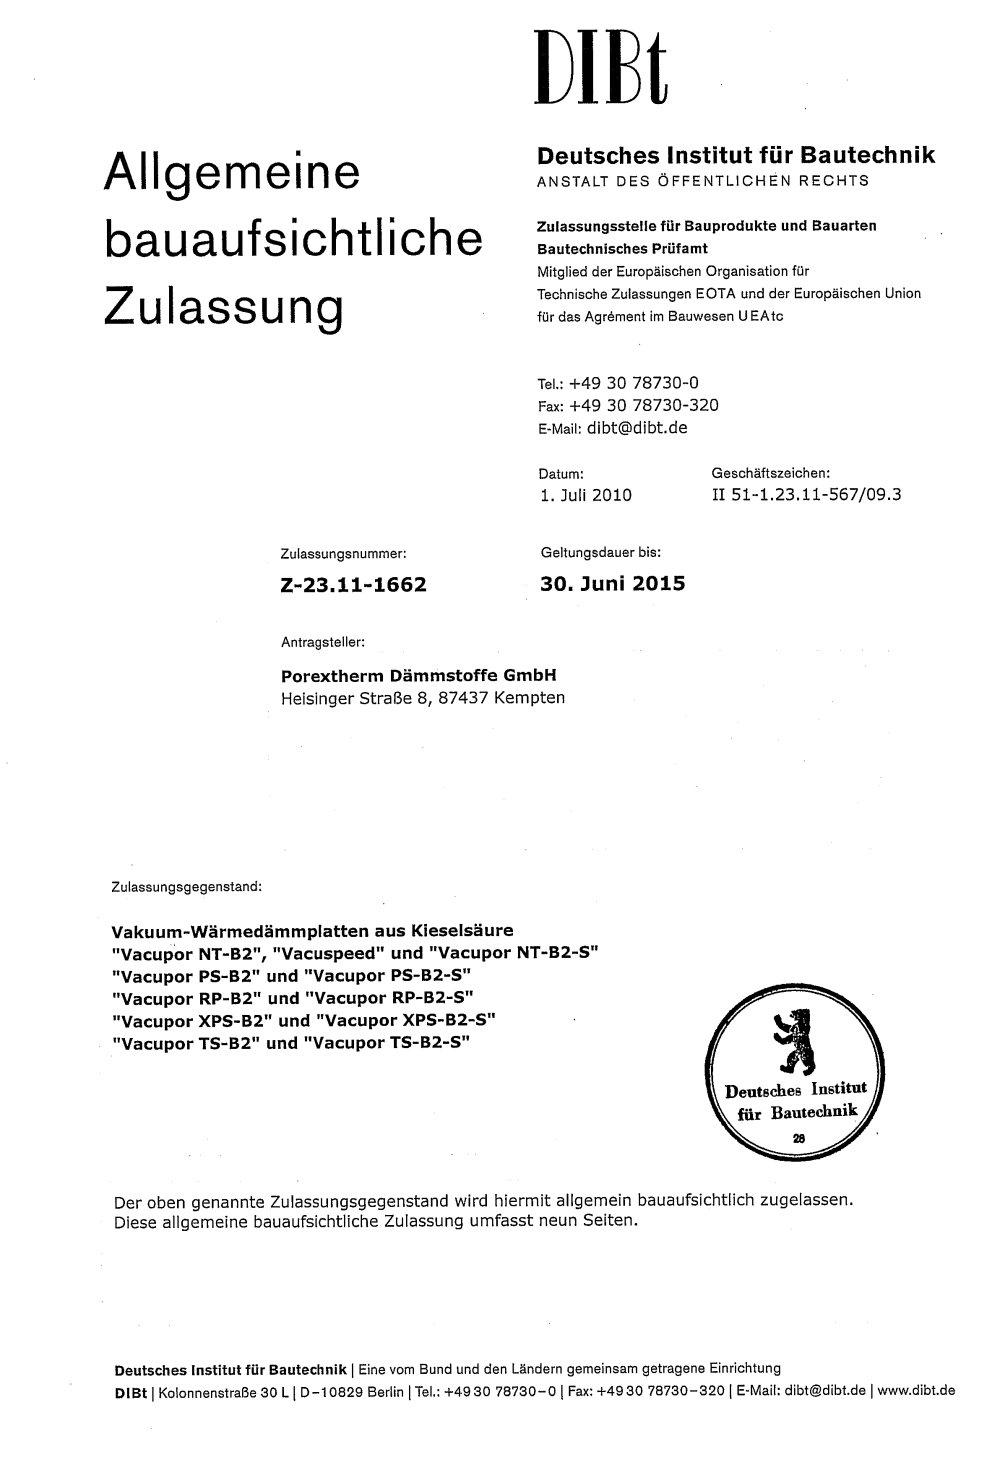 Abz Allgemeine Bauaufsichtliche Zulassung Z 23 11 1662 Porextherm